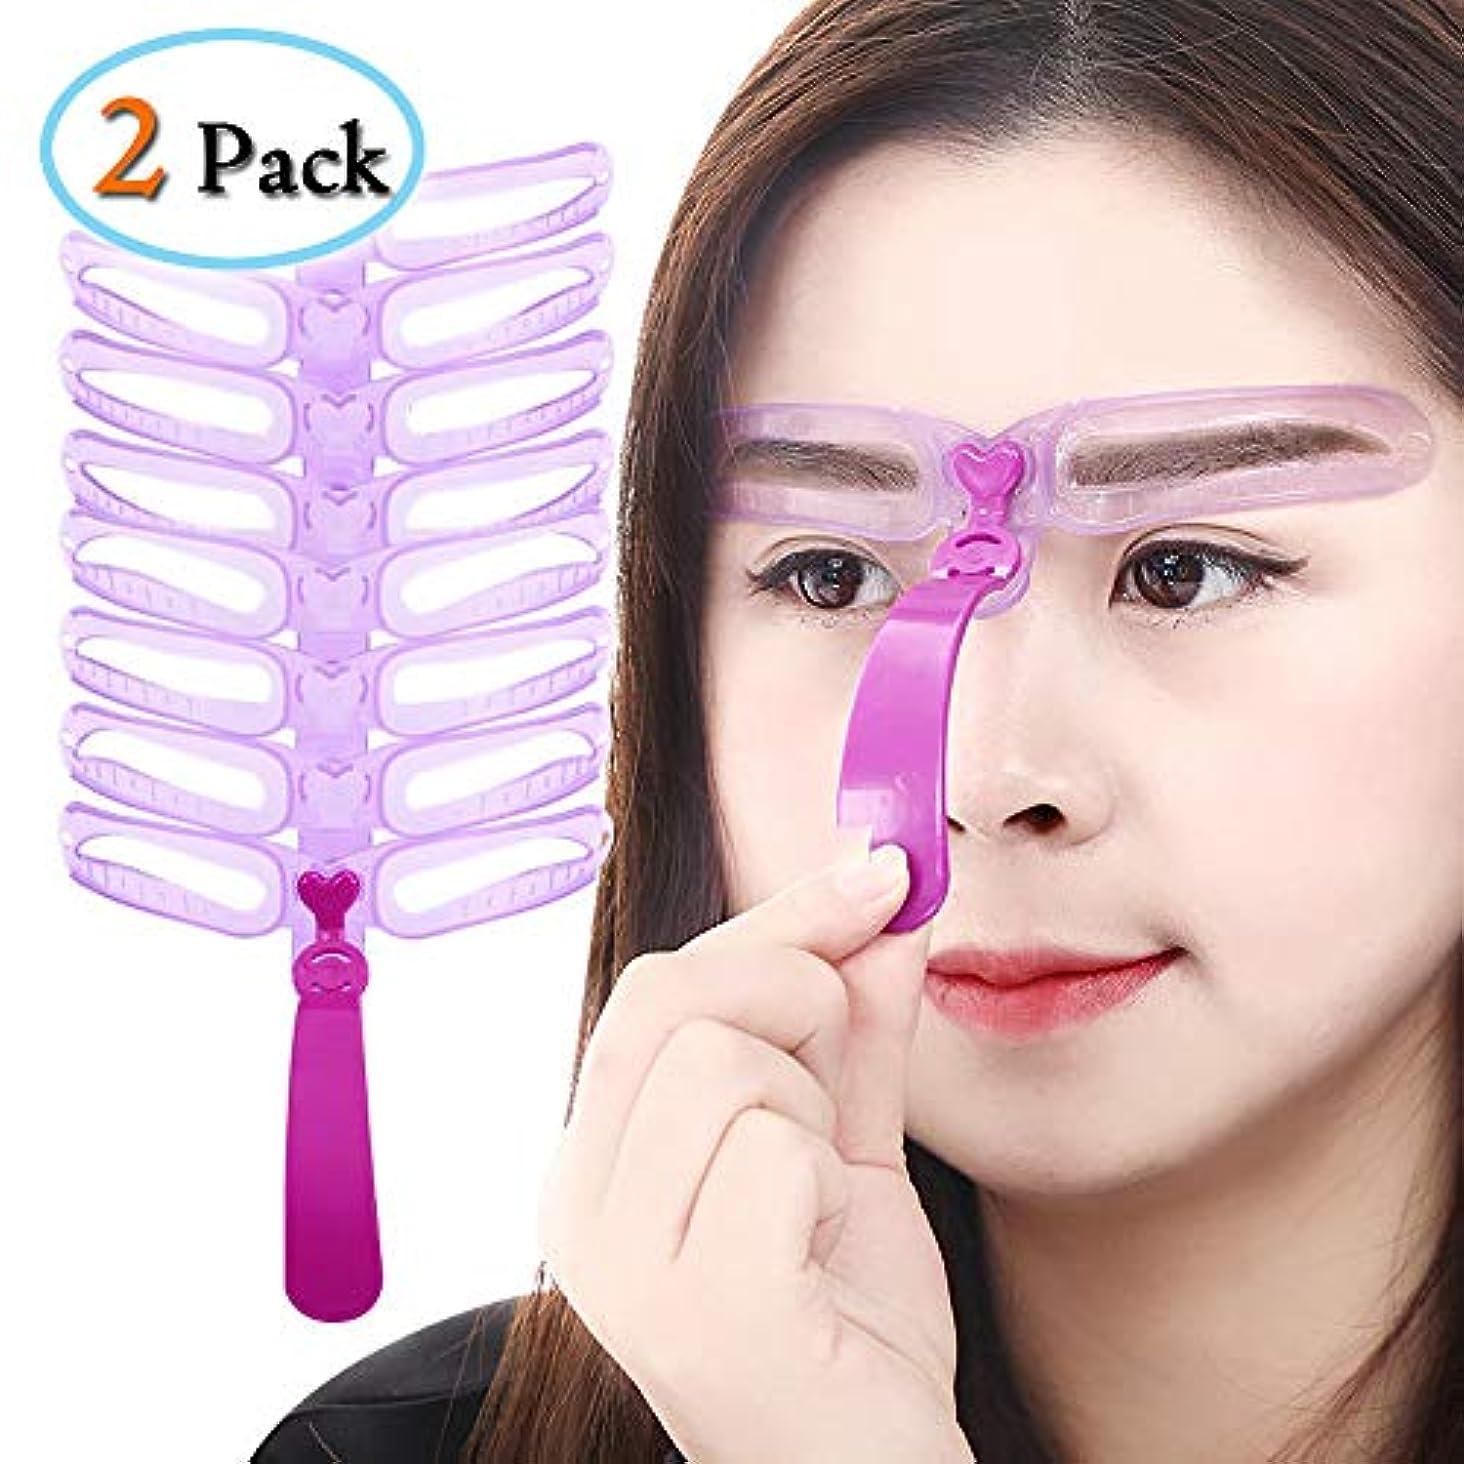 バレルりんご噛むYuJiny 8種類 眉毛テンプレート 8パターン 眉毛を気分で使い分け 眉用ステンシル 美容ツール 男女兼用 2点セット